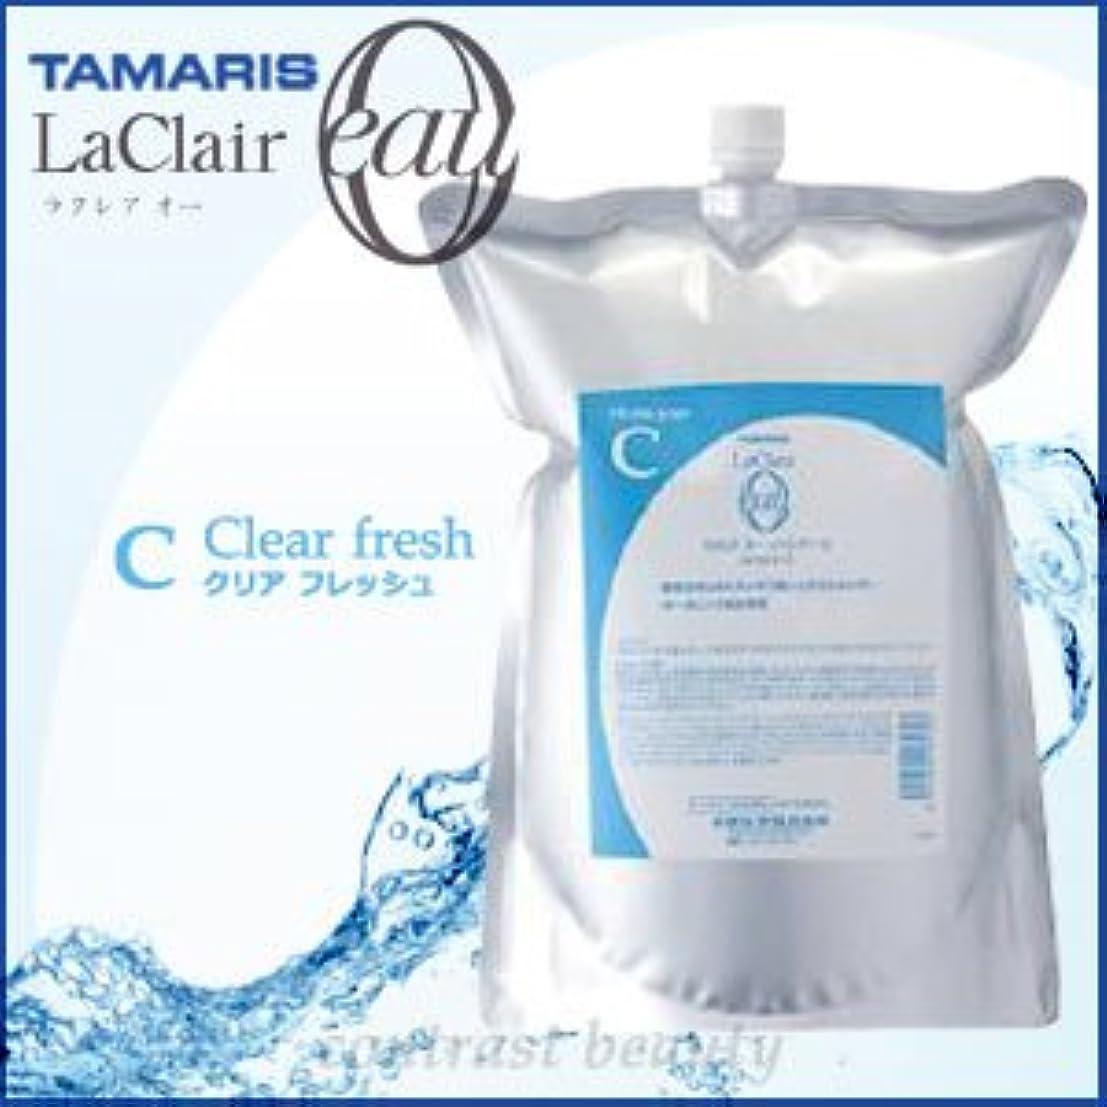 船乗り明るい猛烈なタマリス ラクレアオー クリアフレッシュ シャンプーC 2000ml(業務用詰替レフィルタイプ) TAMARIS La Clair eau